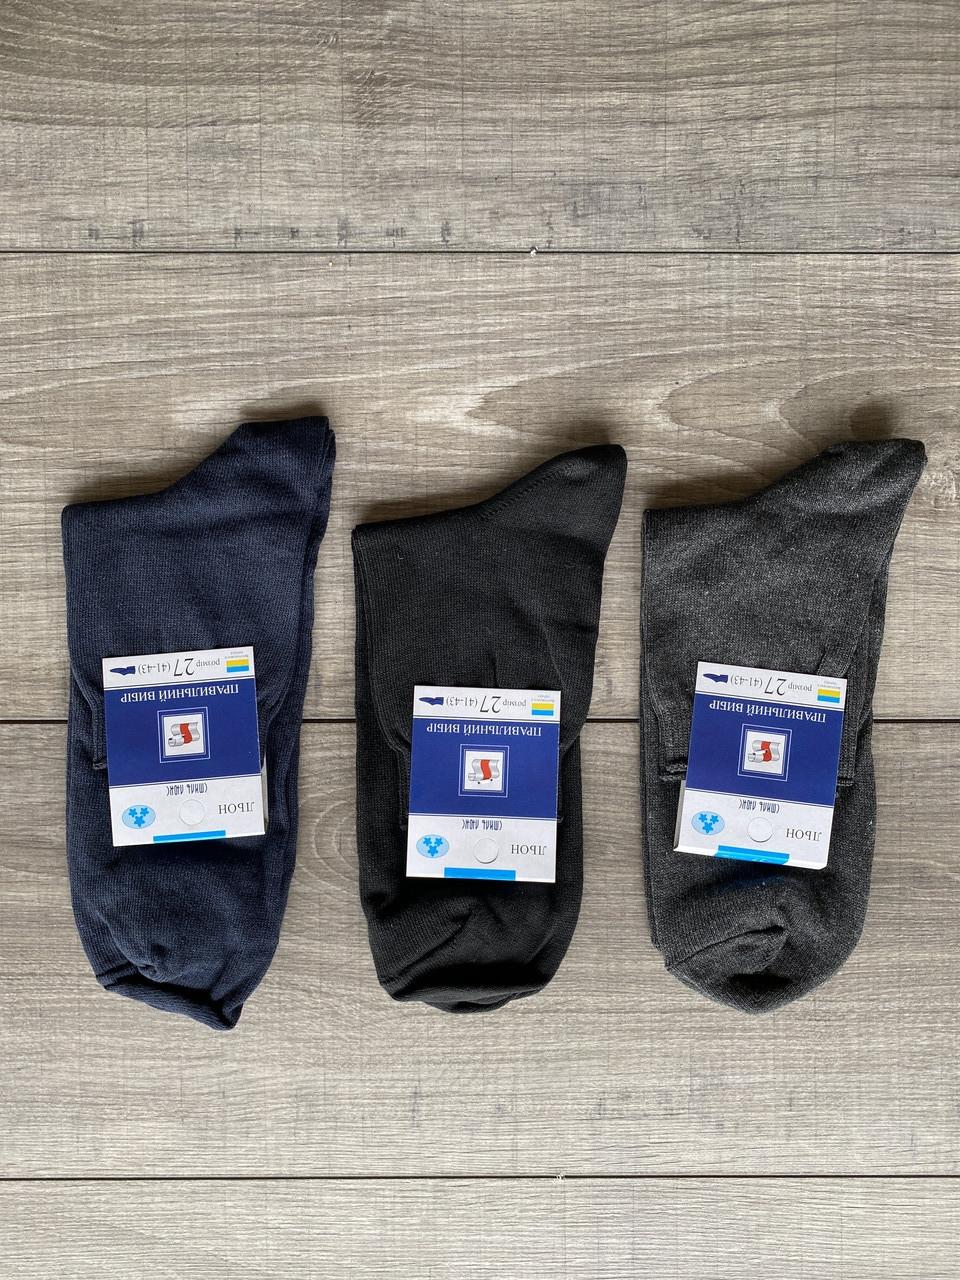 Чоловічі шкарпетки Правильний вибір середні котон однотонні в сітку 25-26 27-28 29-30 12 шт в уп темне асорті